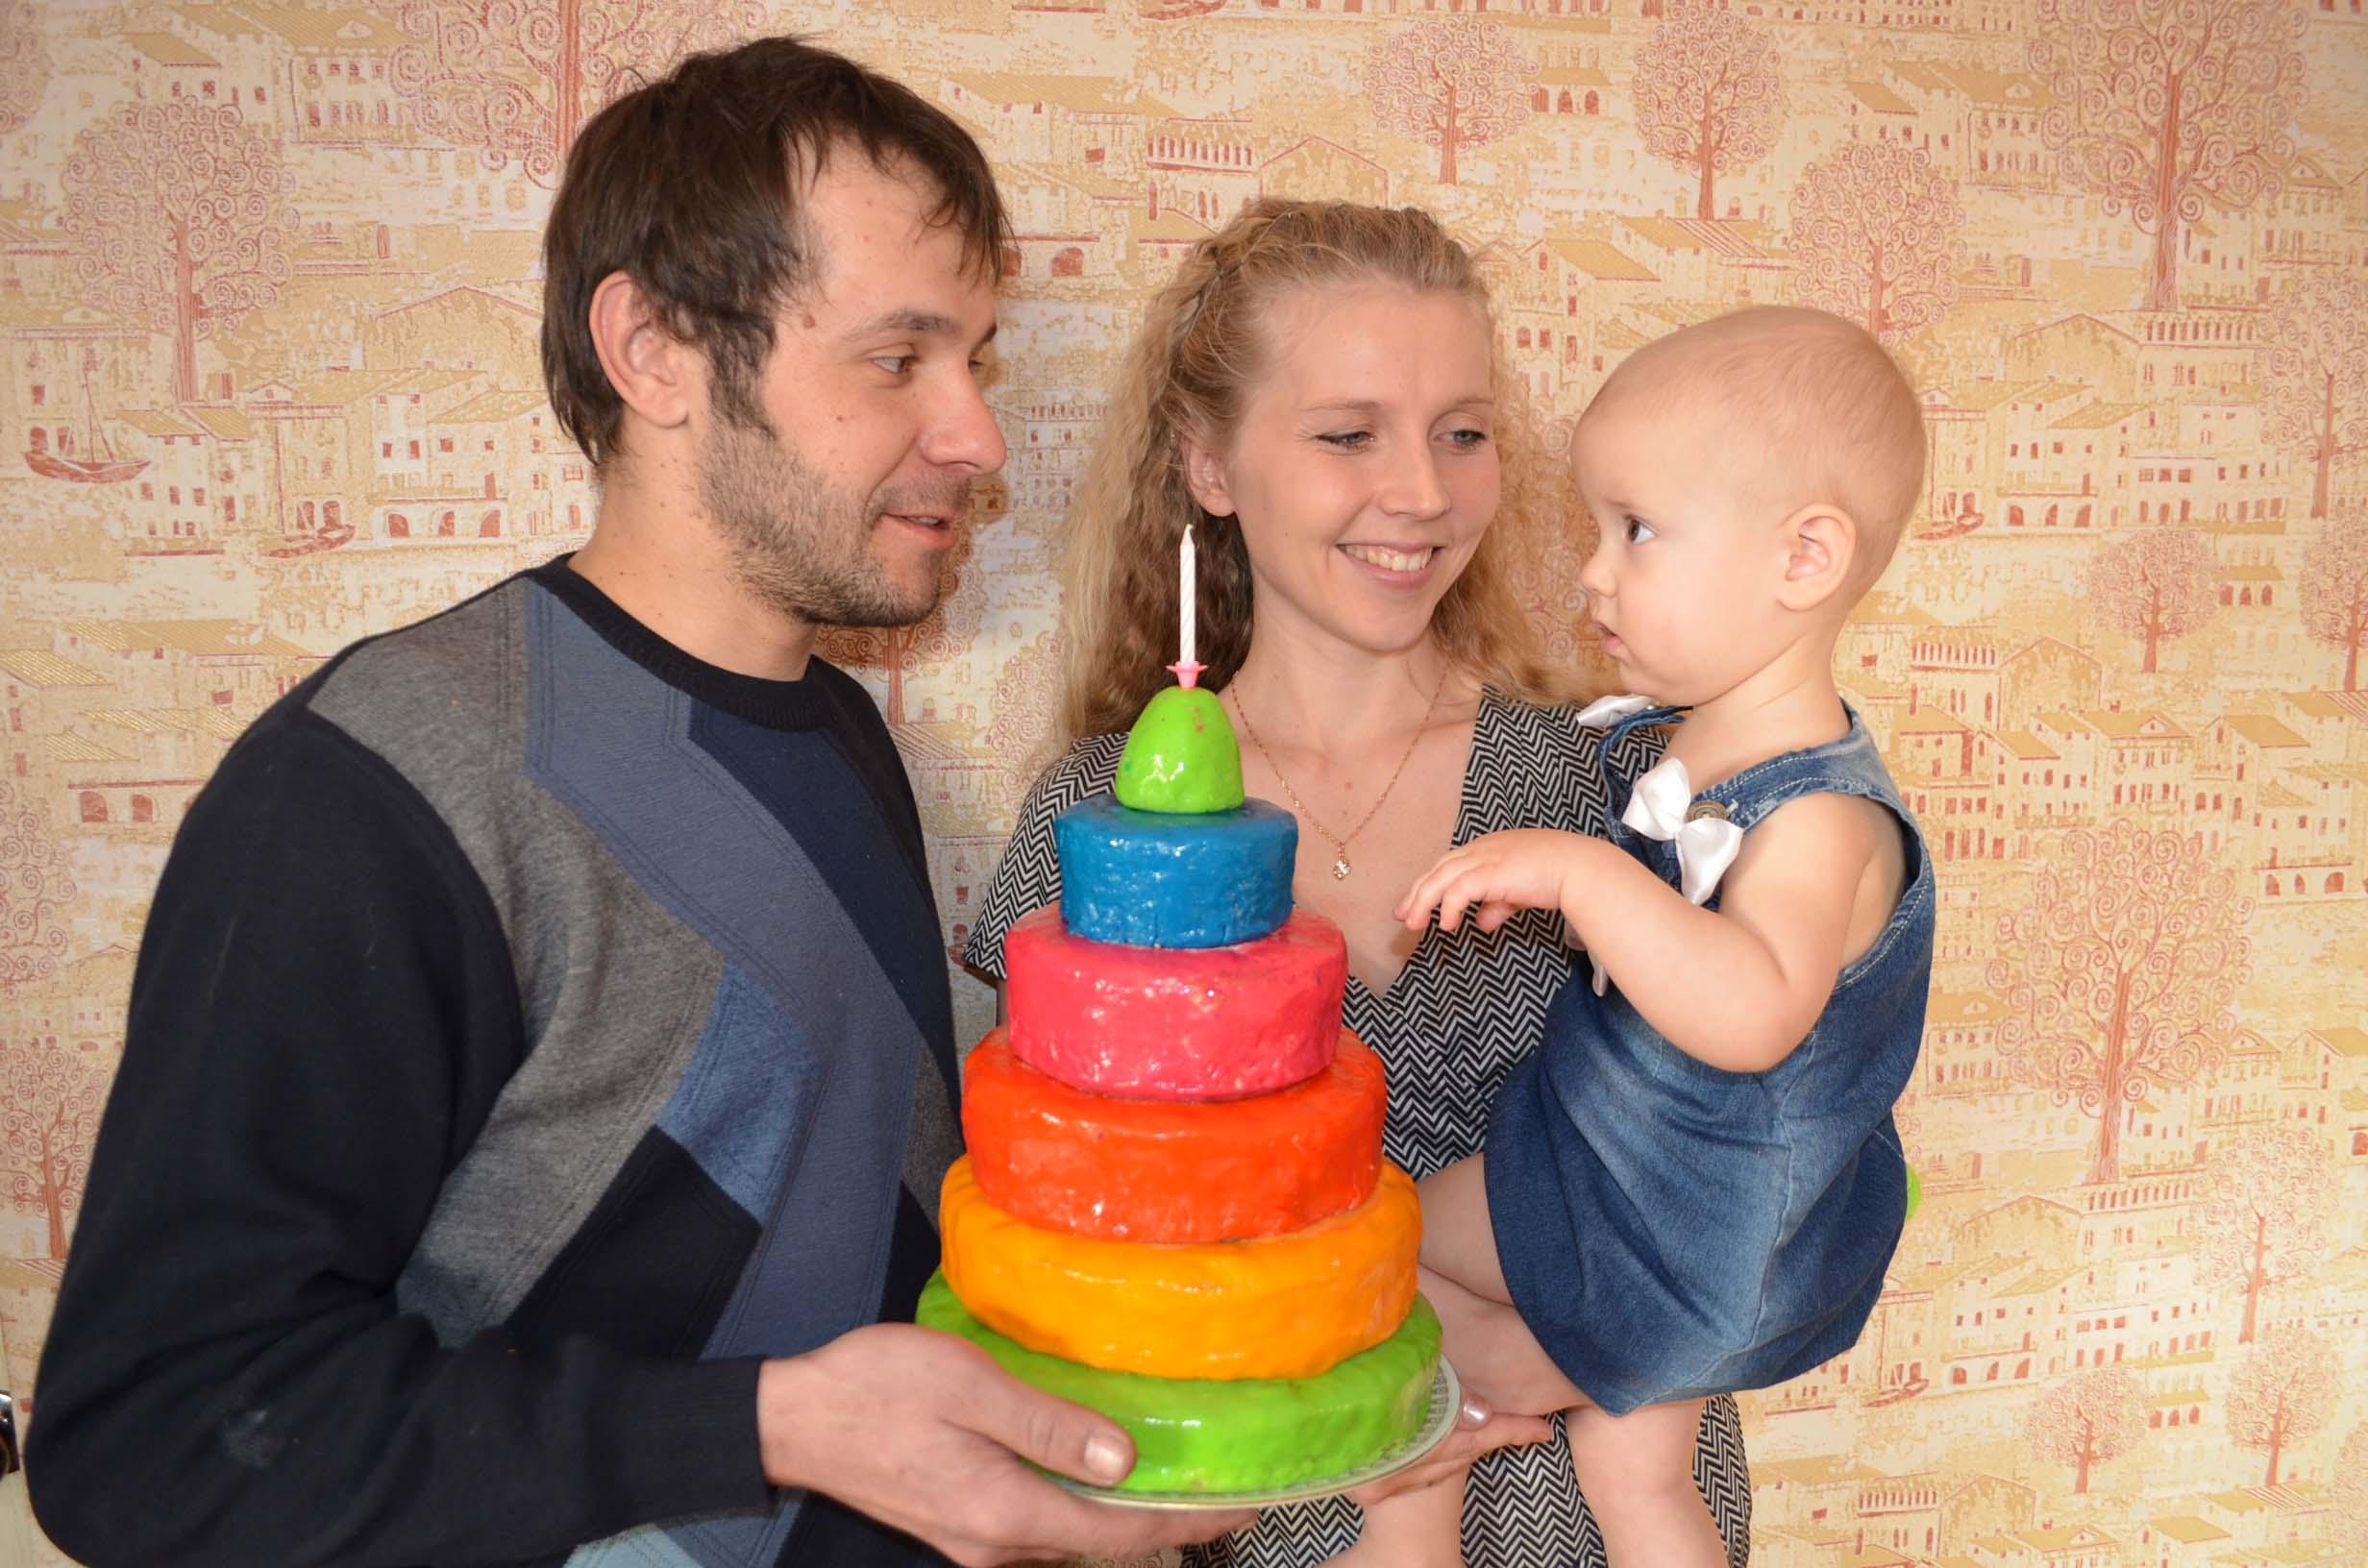 Первый день рождения. Мама, папа, я - счастливая семья!